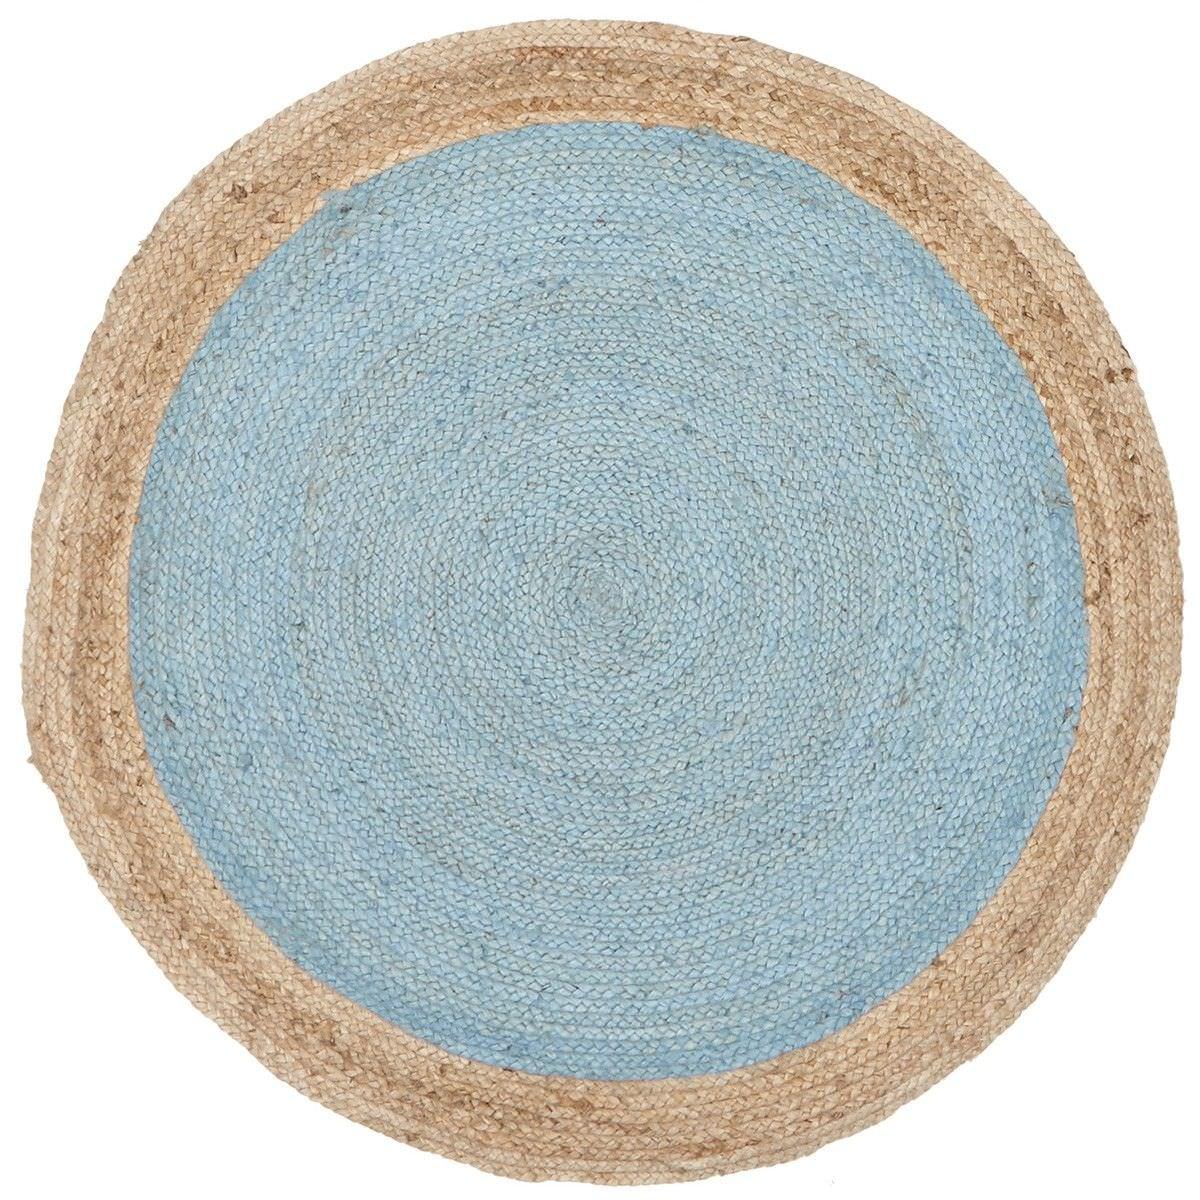 Atrium Polo Round Jute Rug, 200cm, Blue